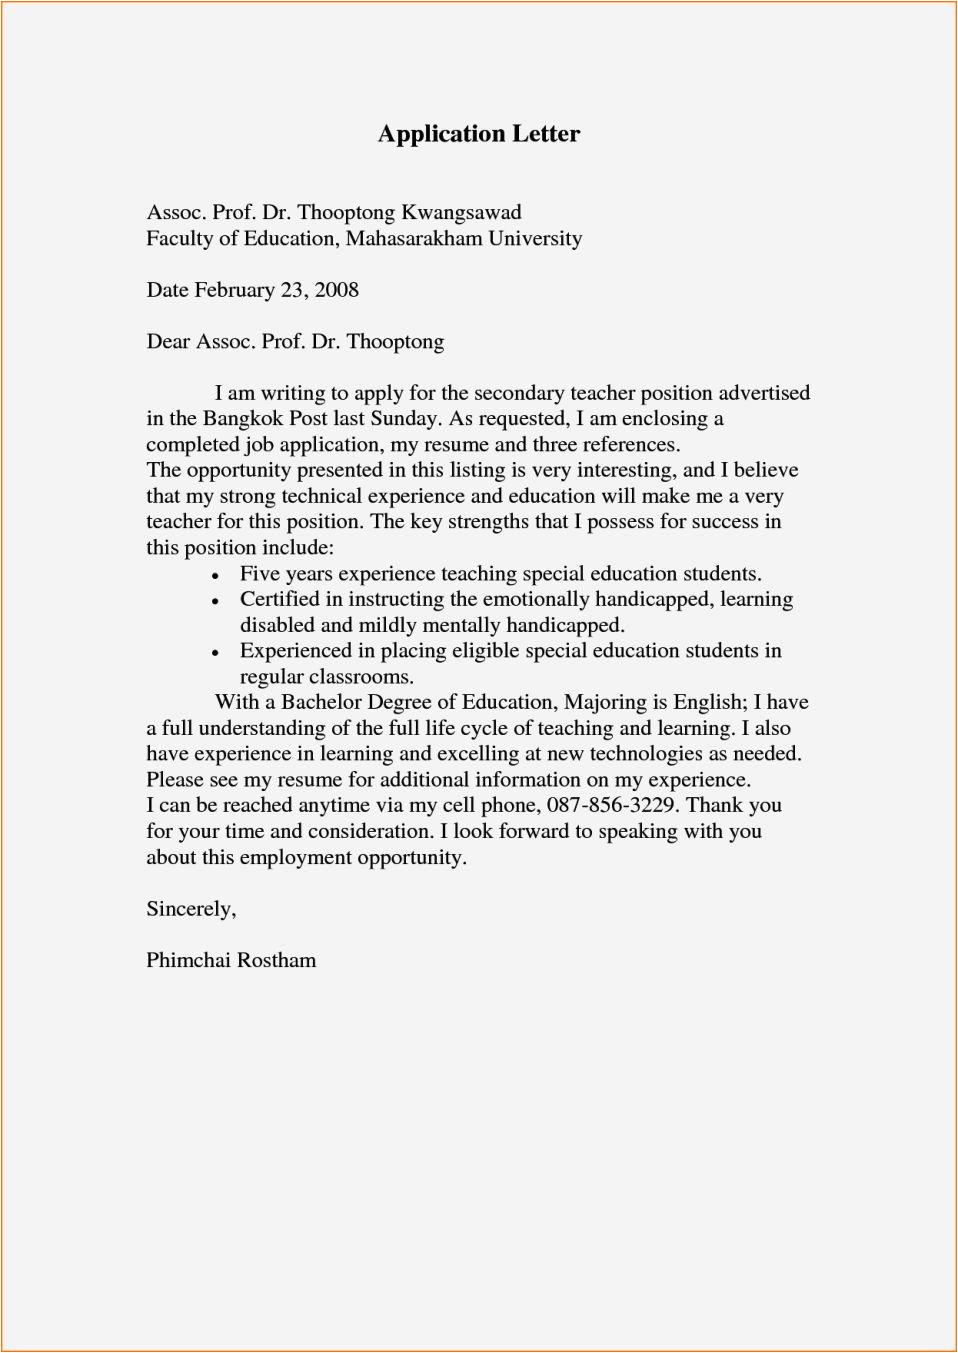 Cover Letter Applying for Teaching Position for Apply Teacher Letter Resume Template Cover Letter